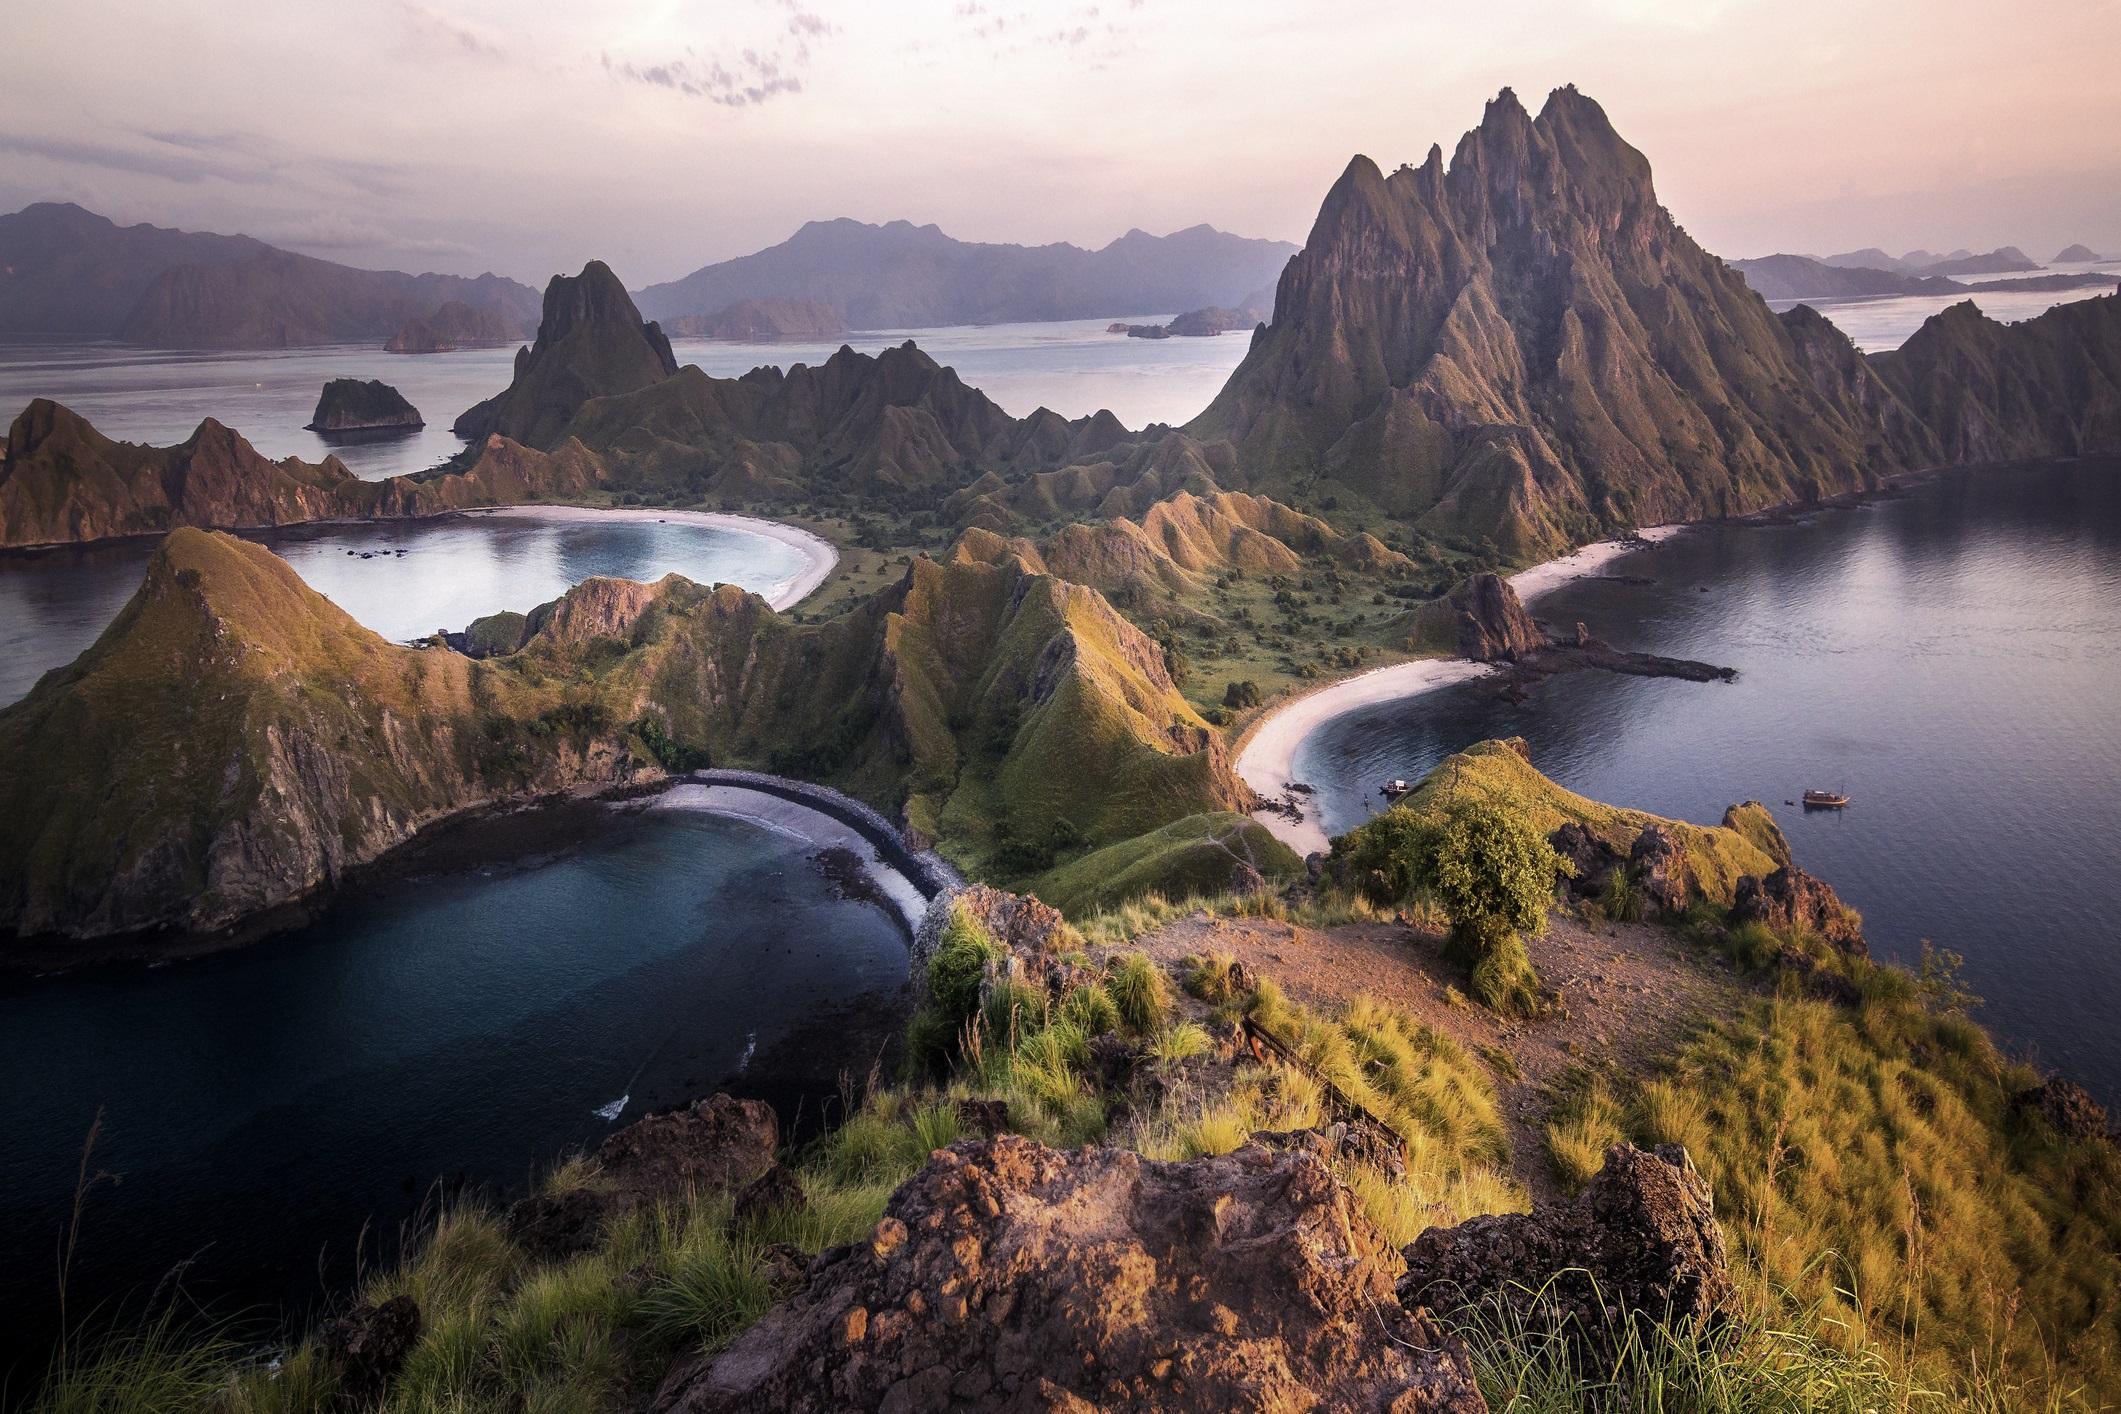 Национален парк Комодски, Индонезия<br /> <br /> Домът на завладяващия и страшен комодски варан, Националният парк Комодски е нирвана за любителите на природата. Освен, че ще видят прочутото животно посетителите могат да се разходят до местата, които разкриват изумителни гледки към островите Падар и Канава, а могат и да се гмуркат и да видят невероятно красивите рифове, пълни с богато биоразнообразие.